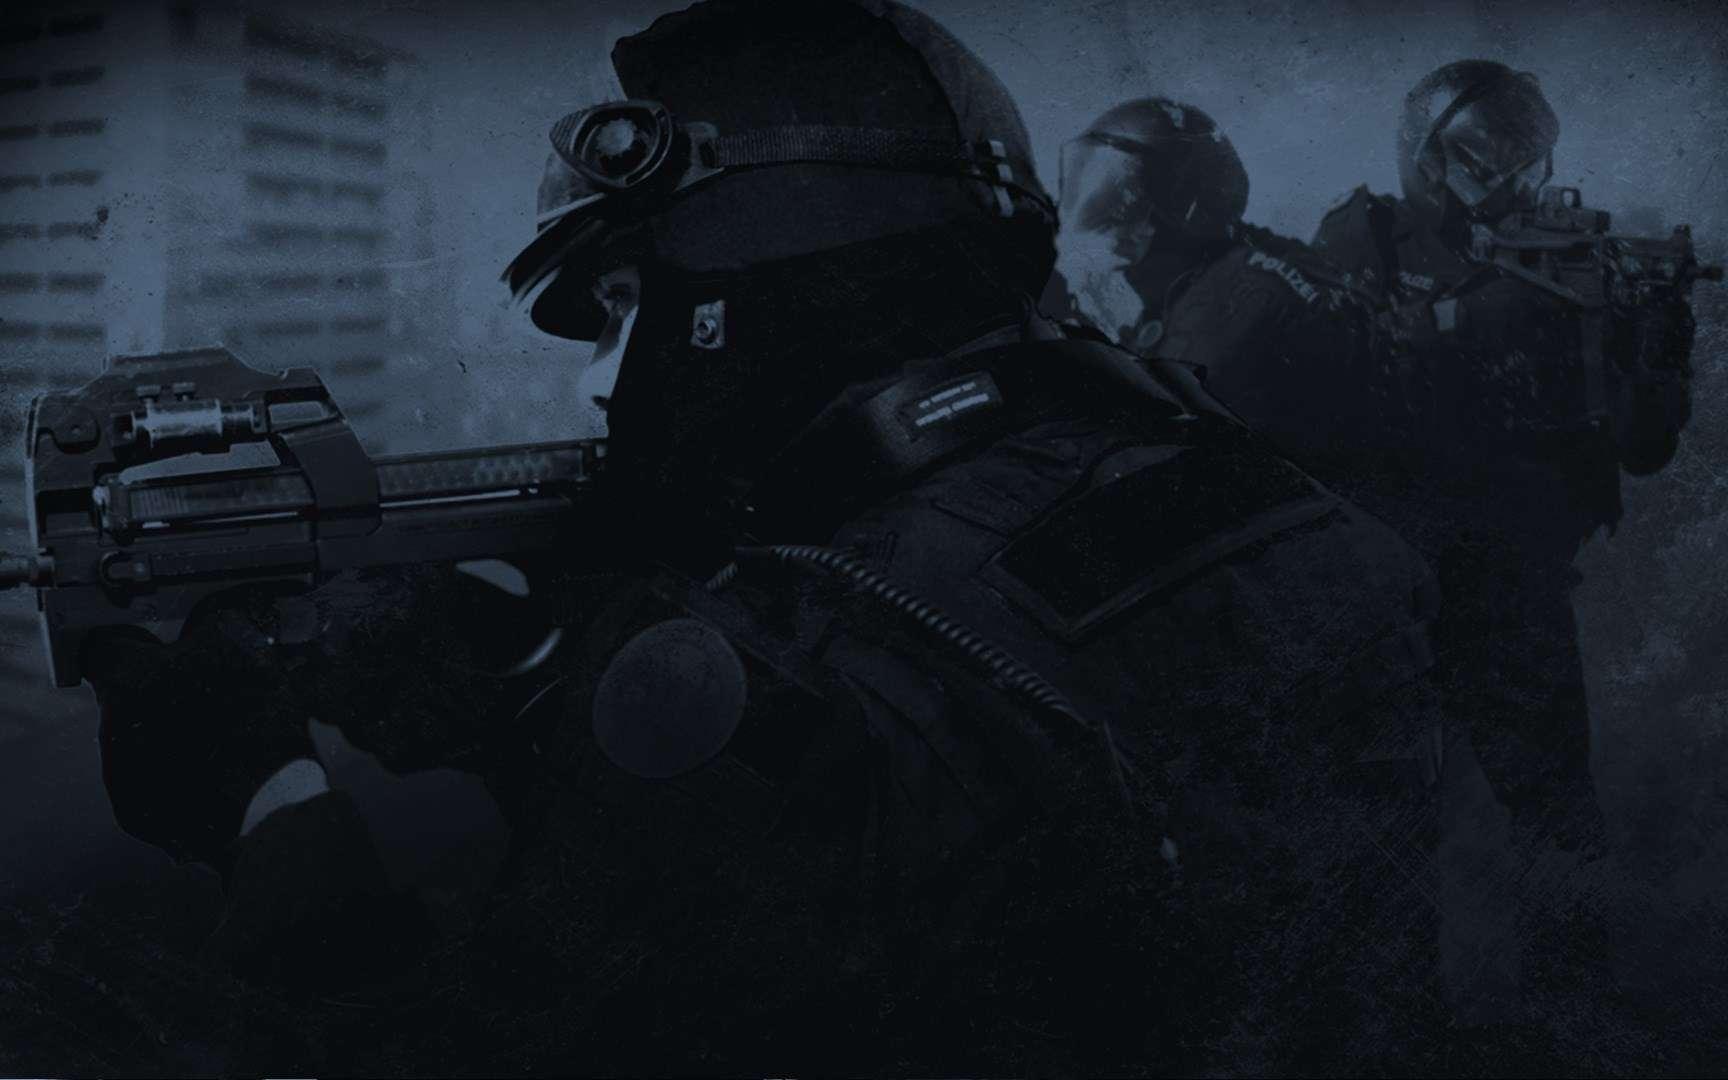 Une vulnérabilité dans le moteur de rendu 3D permet à un pirate de prendre la main sur le PC du ou des joueurs. © Valve Corporation